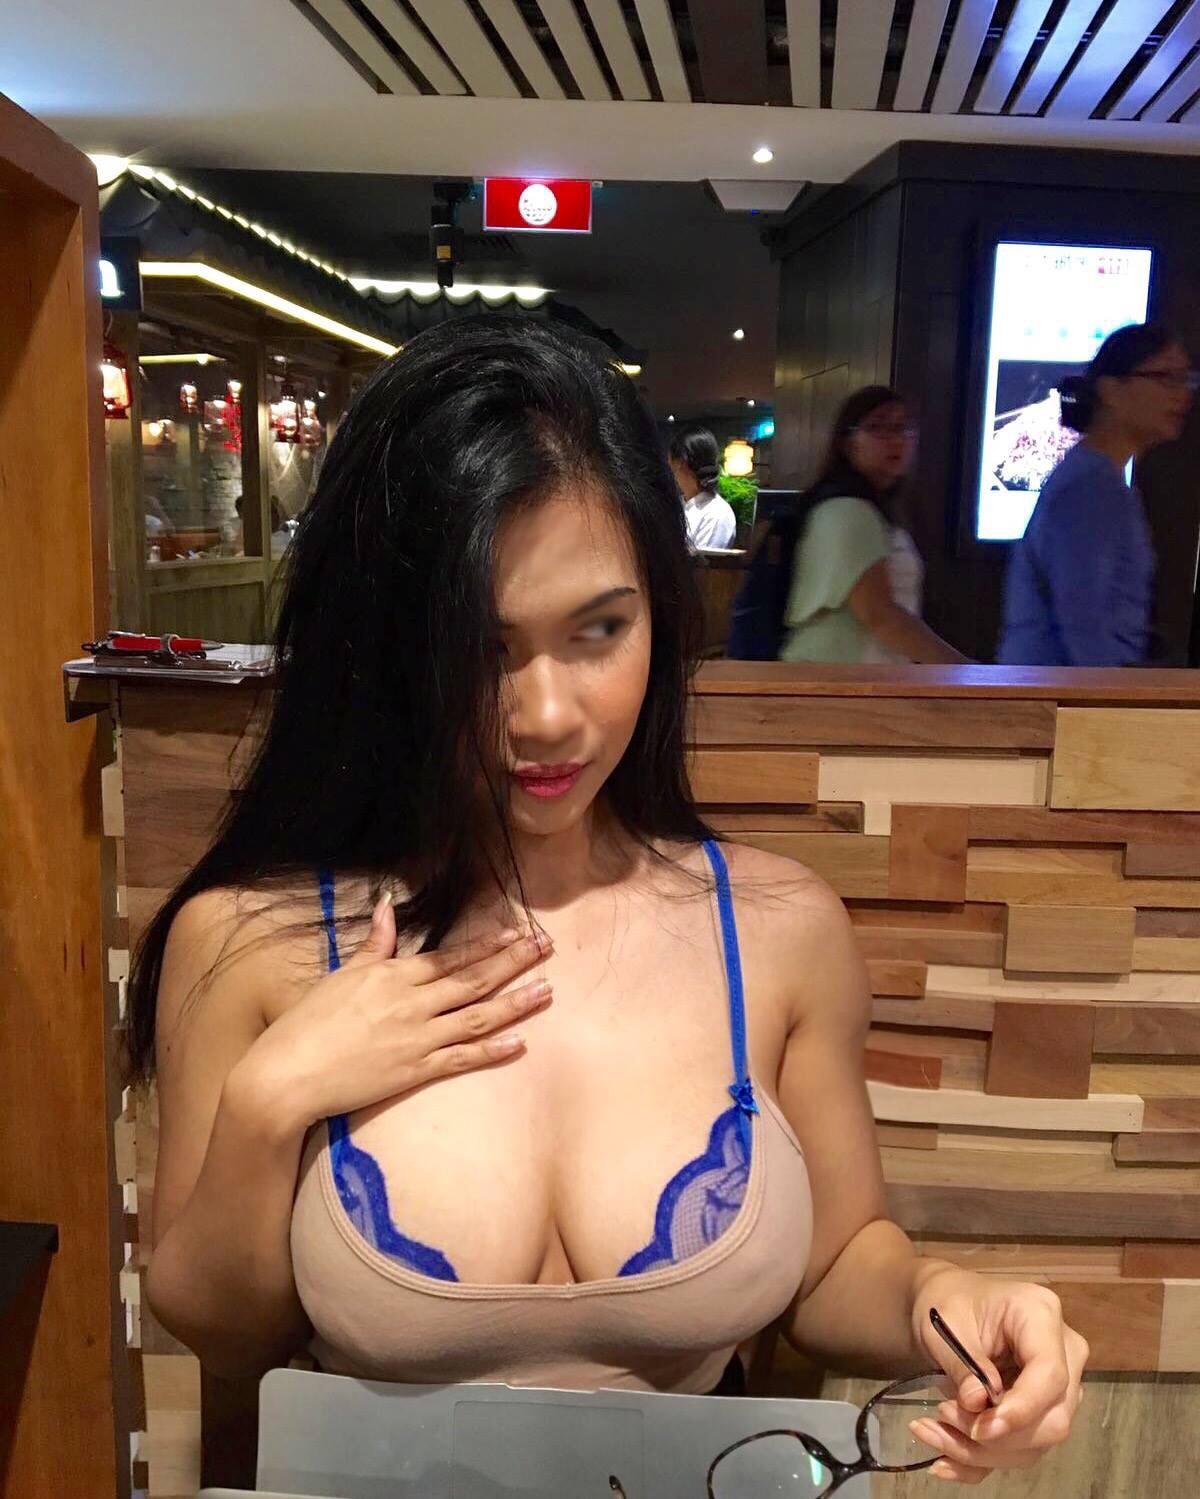 nice big boobs